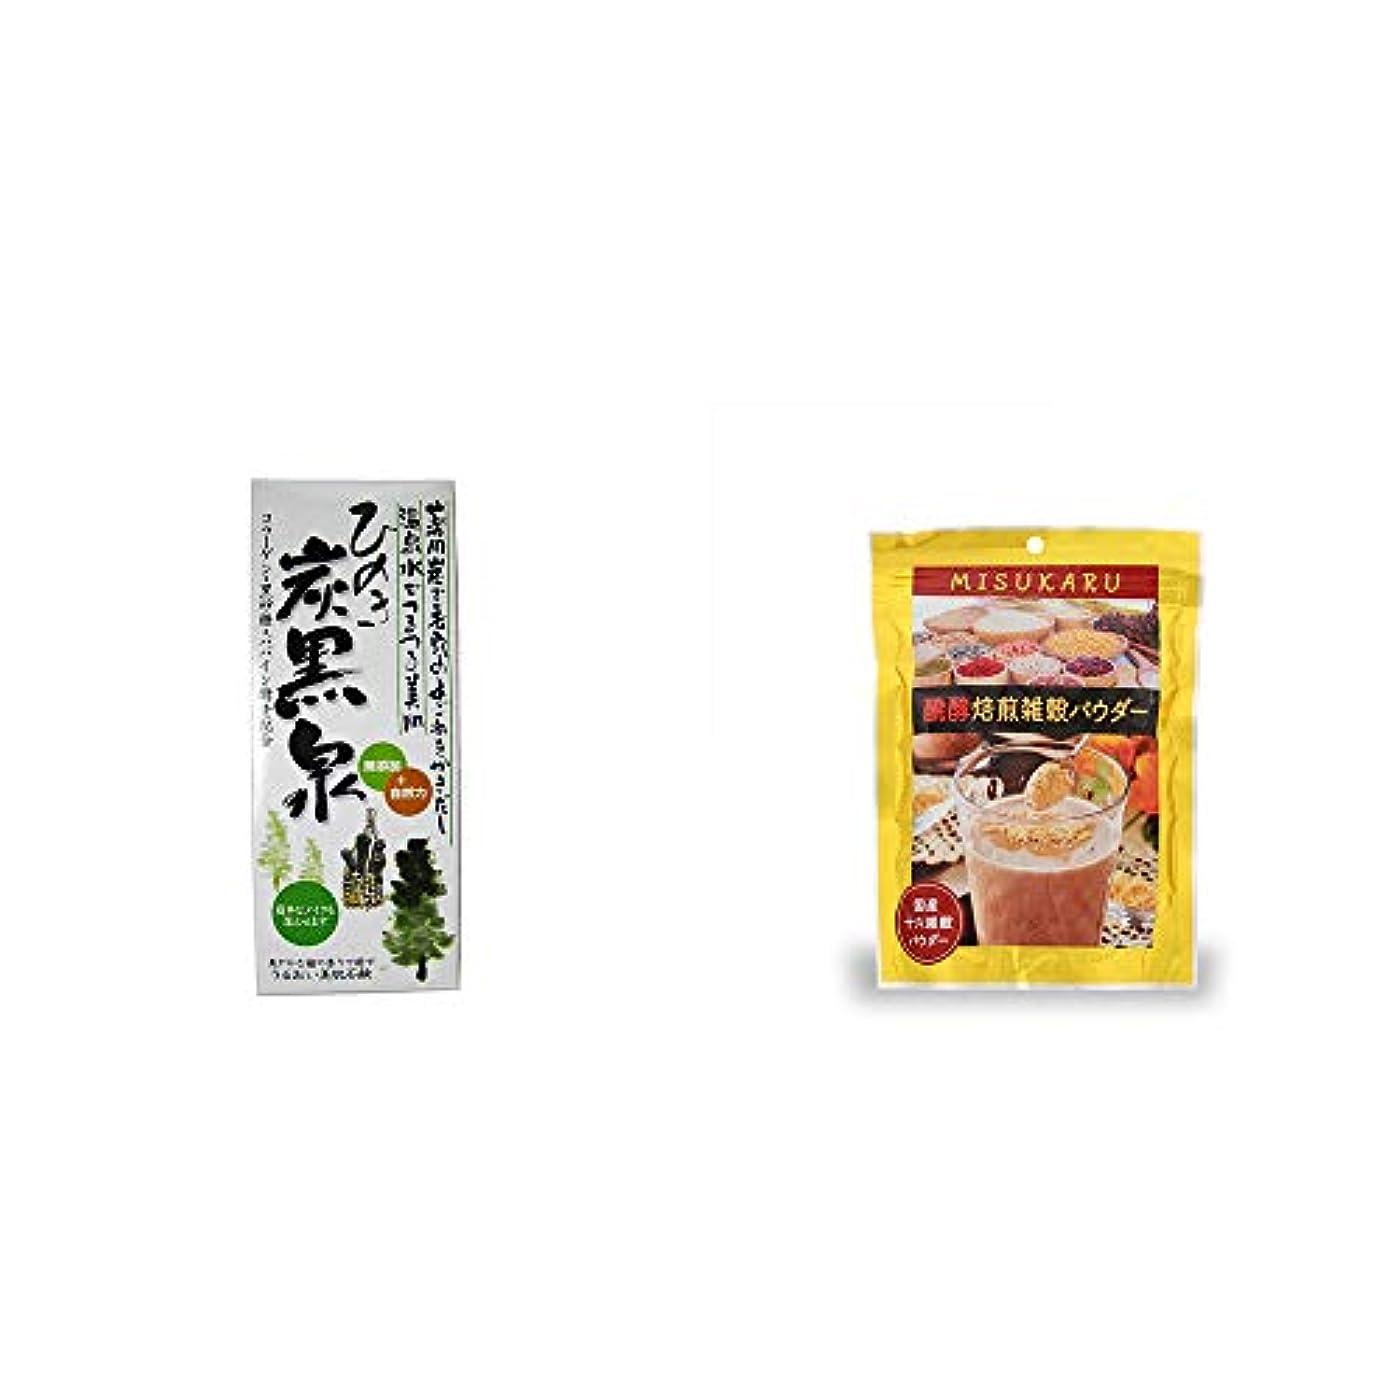 衰えるナインへ改善[2点セット] ひのき炭黒泉 箱入り(75g×3)?醗酵焙煎雑穀パウダー MISUKARU(ミスカル)(200g)